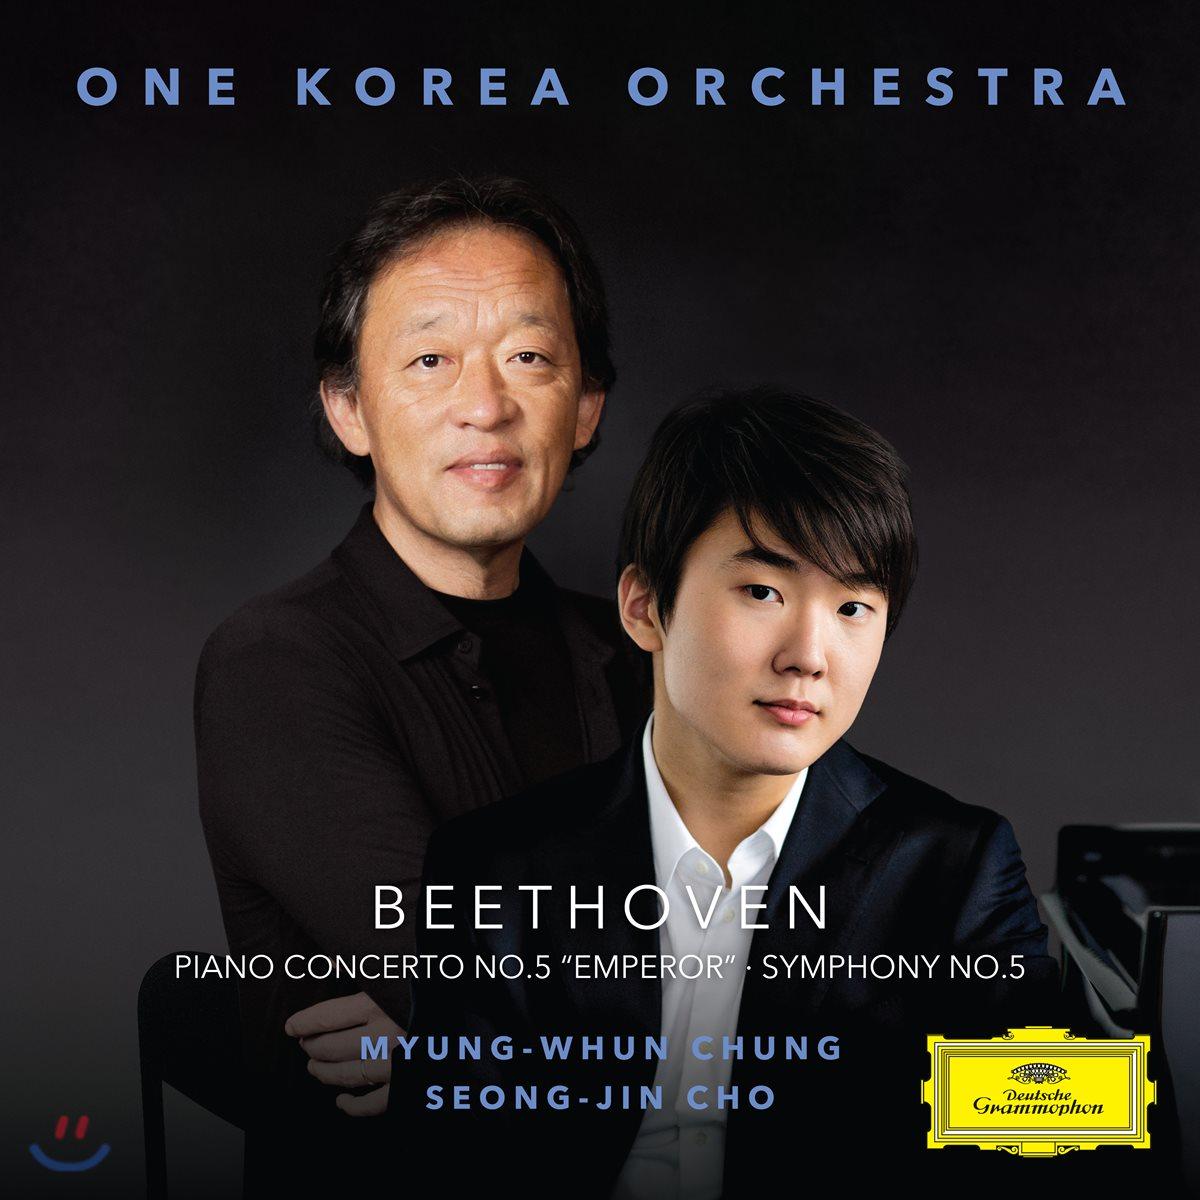 조성진 / 정명훈 - 베토벤: 피아노 협주곡 5번 `황제`, 교향곡 5번